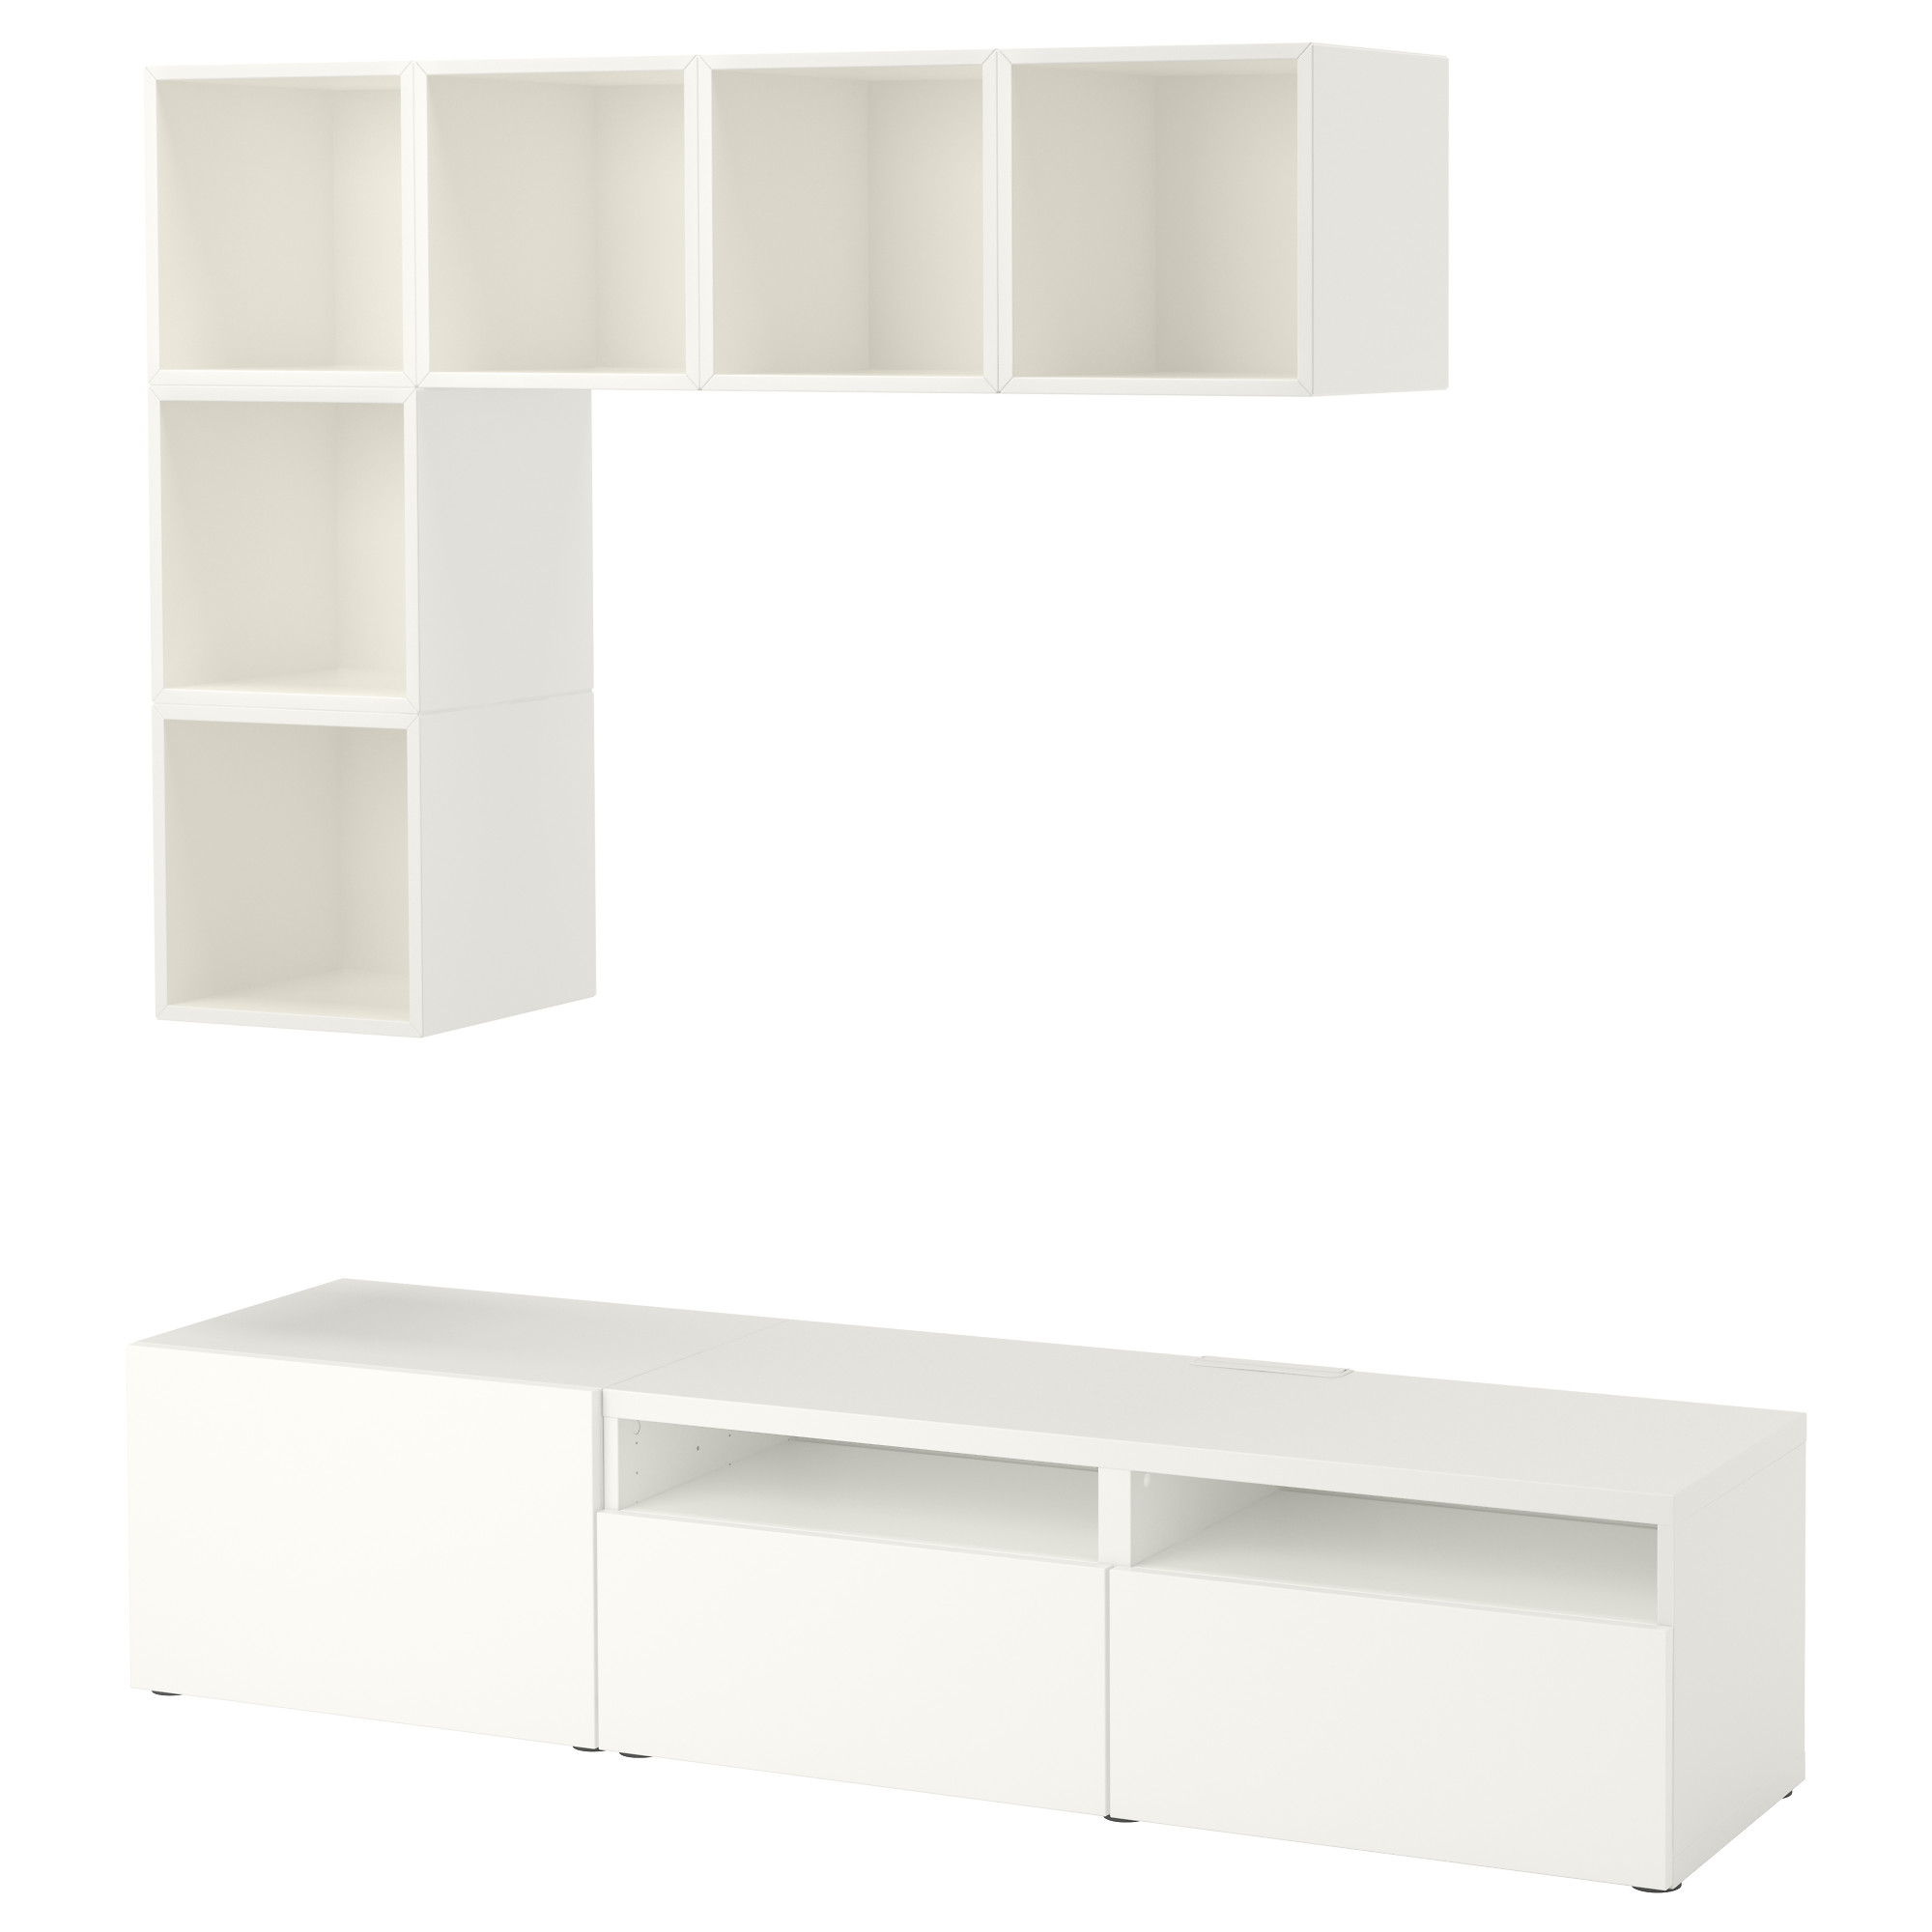 Комбинация для ТВ БЕСТО / ЭКЕТ белый артикуль № 092.756.17 в наличии. Интернет каталог IKEA РБ. Быстрая доставка и монтаж.